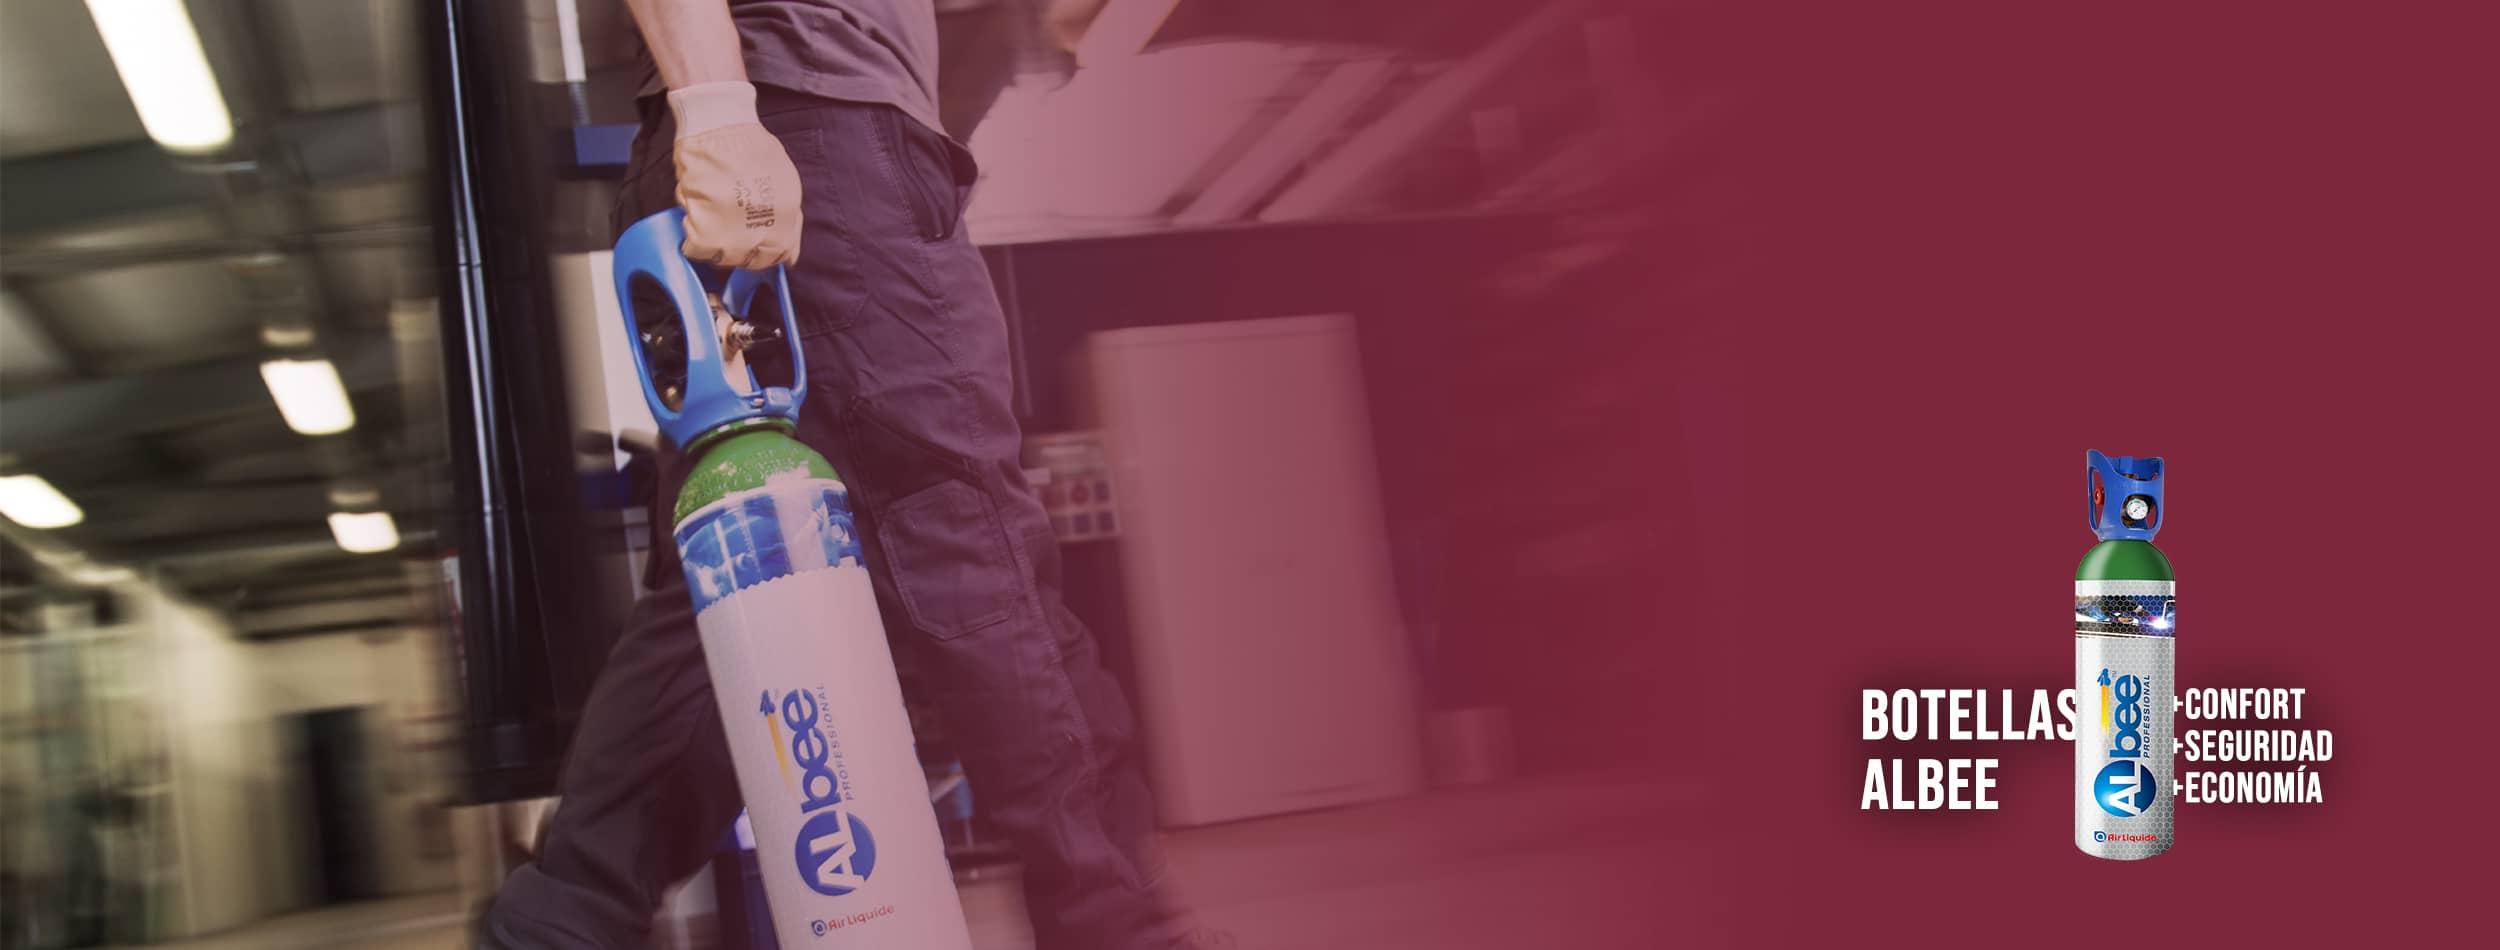 Botella ALbee en taller descripcion